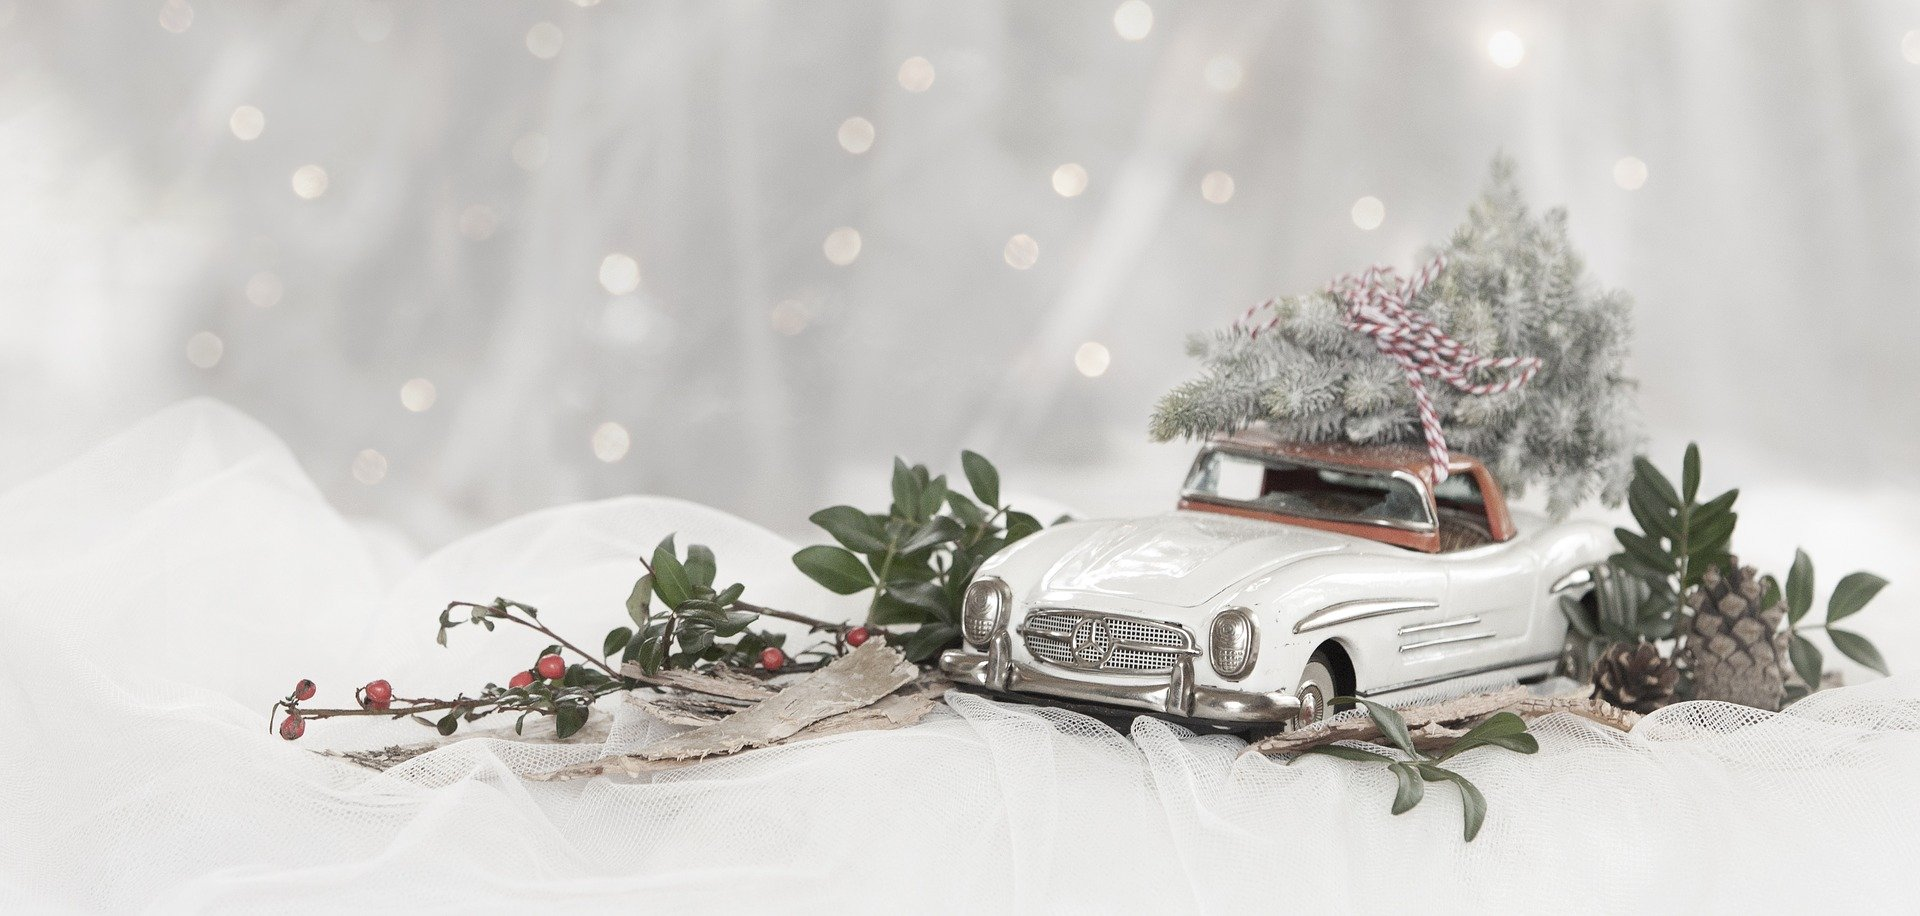 white model car in snowy winter scene